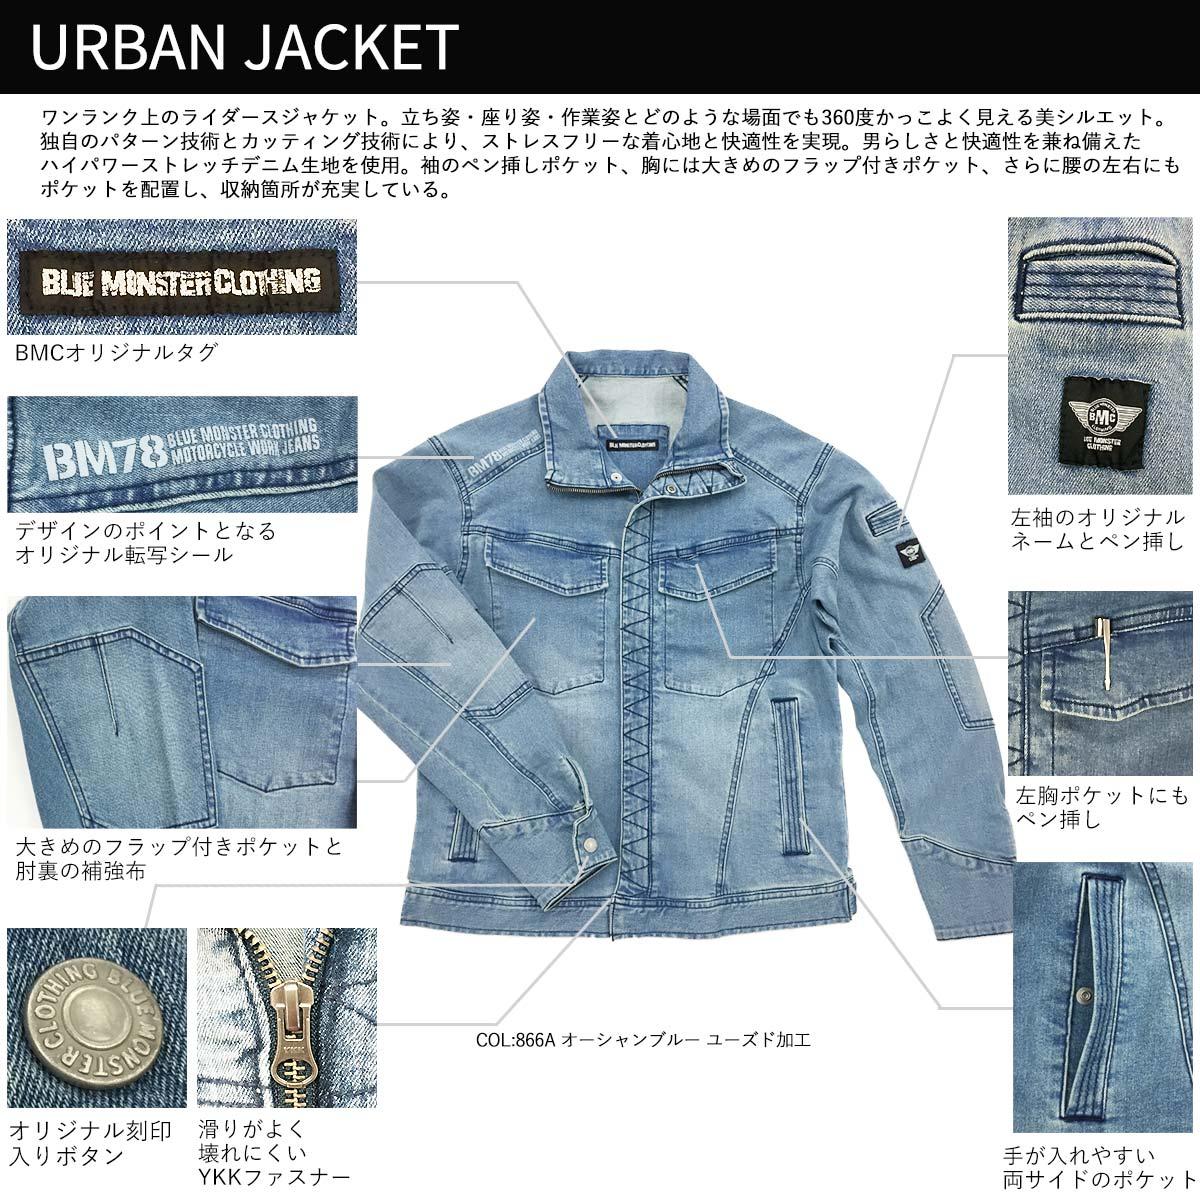 BMCワーカジジャケット